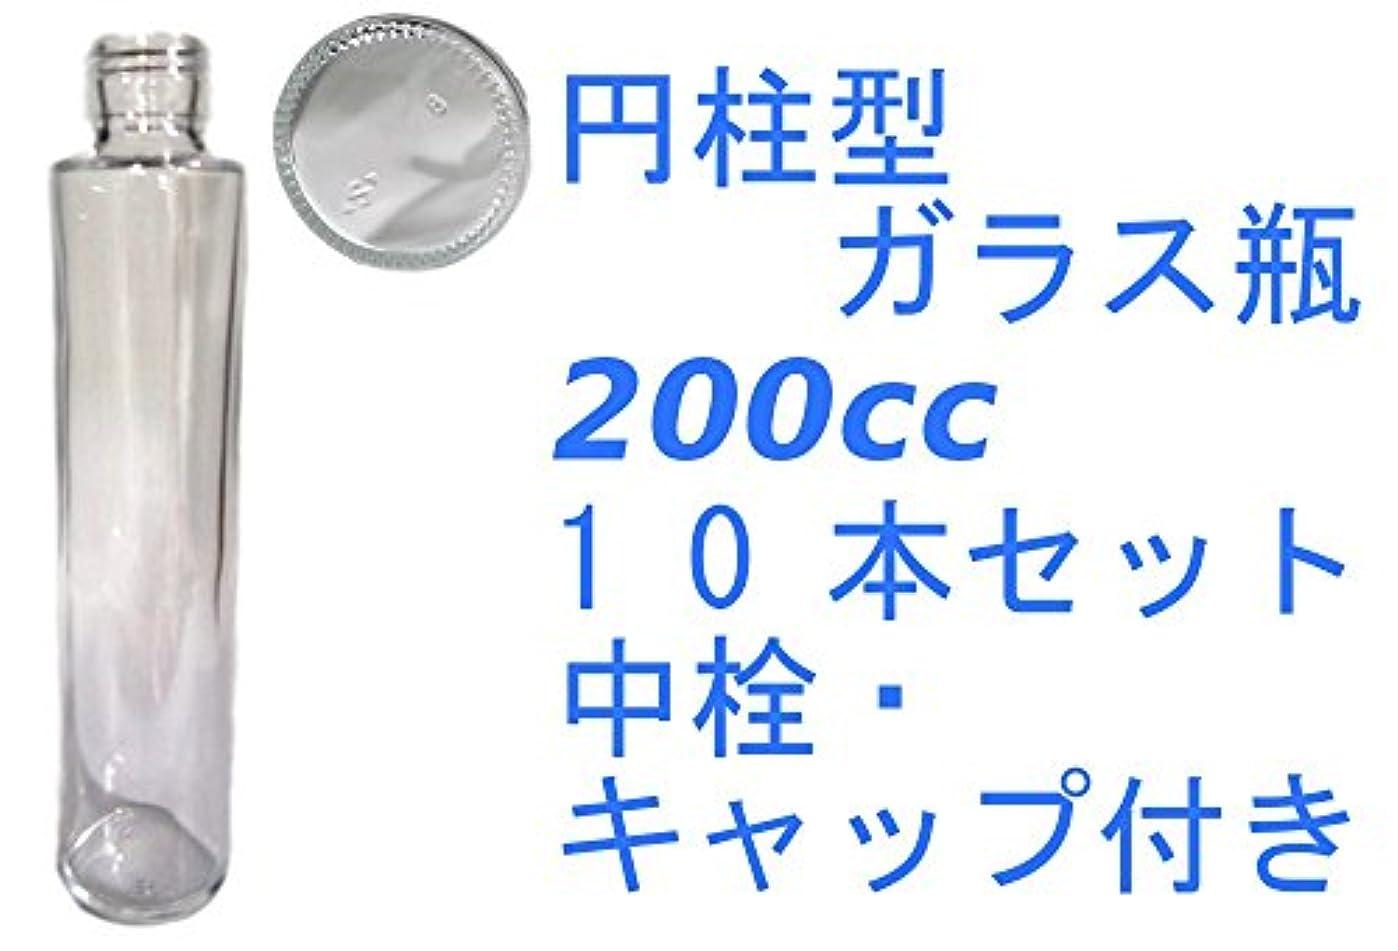 トランジスタシンク間違いなく(ジャストユーズ)JustU's 日本製 ポリ栓 中栓付き円柱型ガラス瓶 10本セット 200cc 200ml アロマディフューザー ハーバリウム 調味料 オイル タレ ドレッシング瓶 B10-SSS200A-A